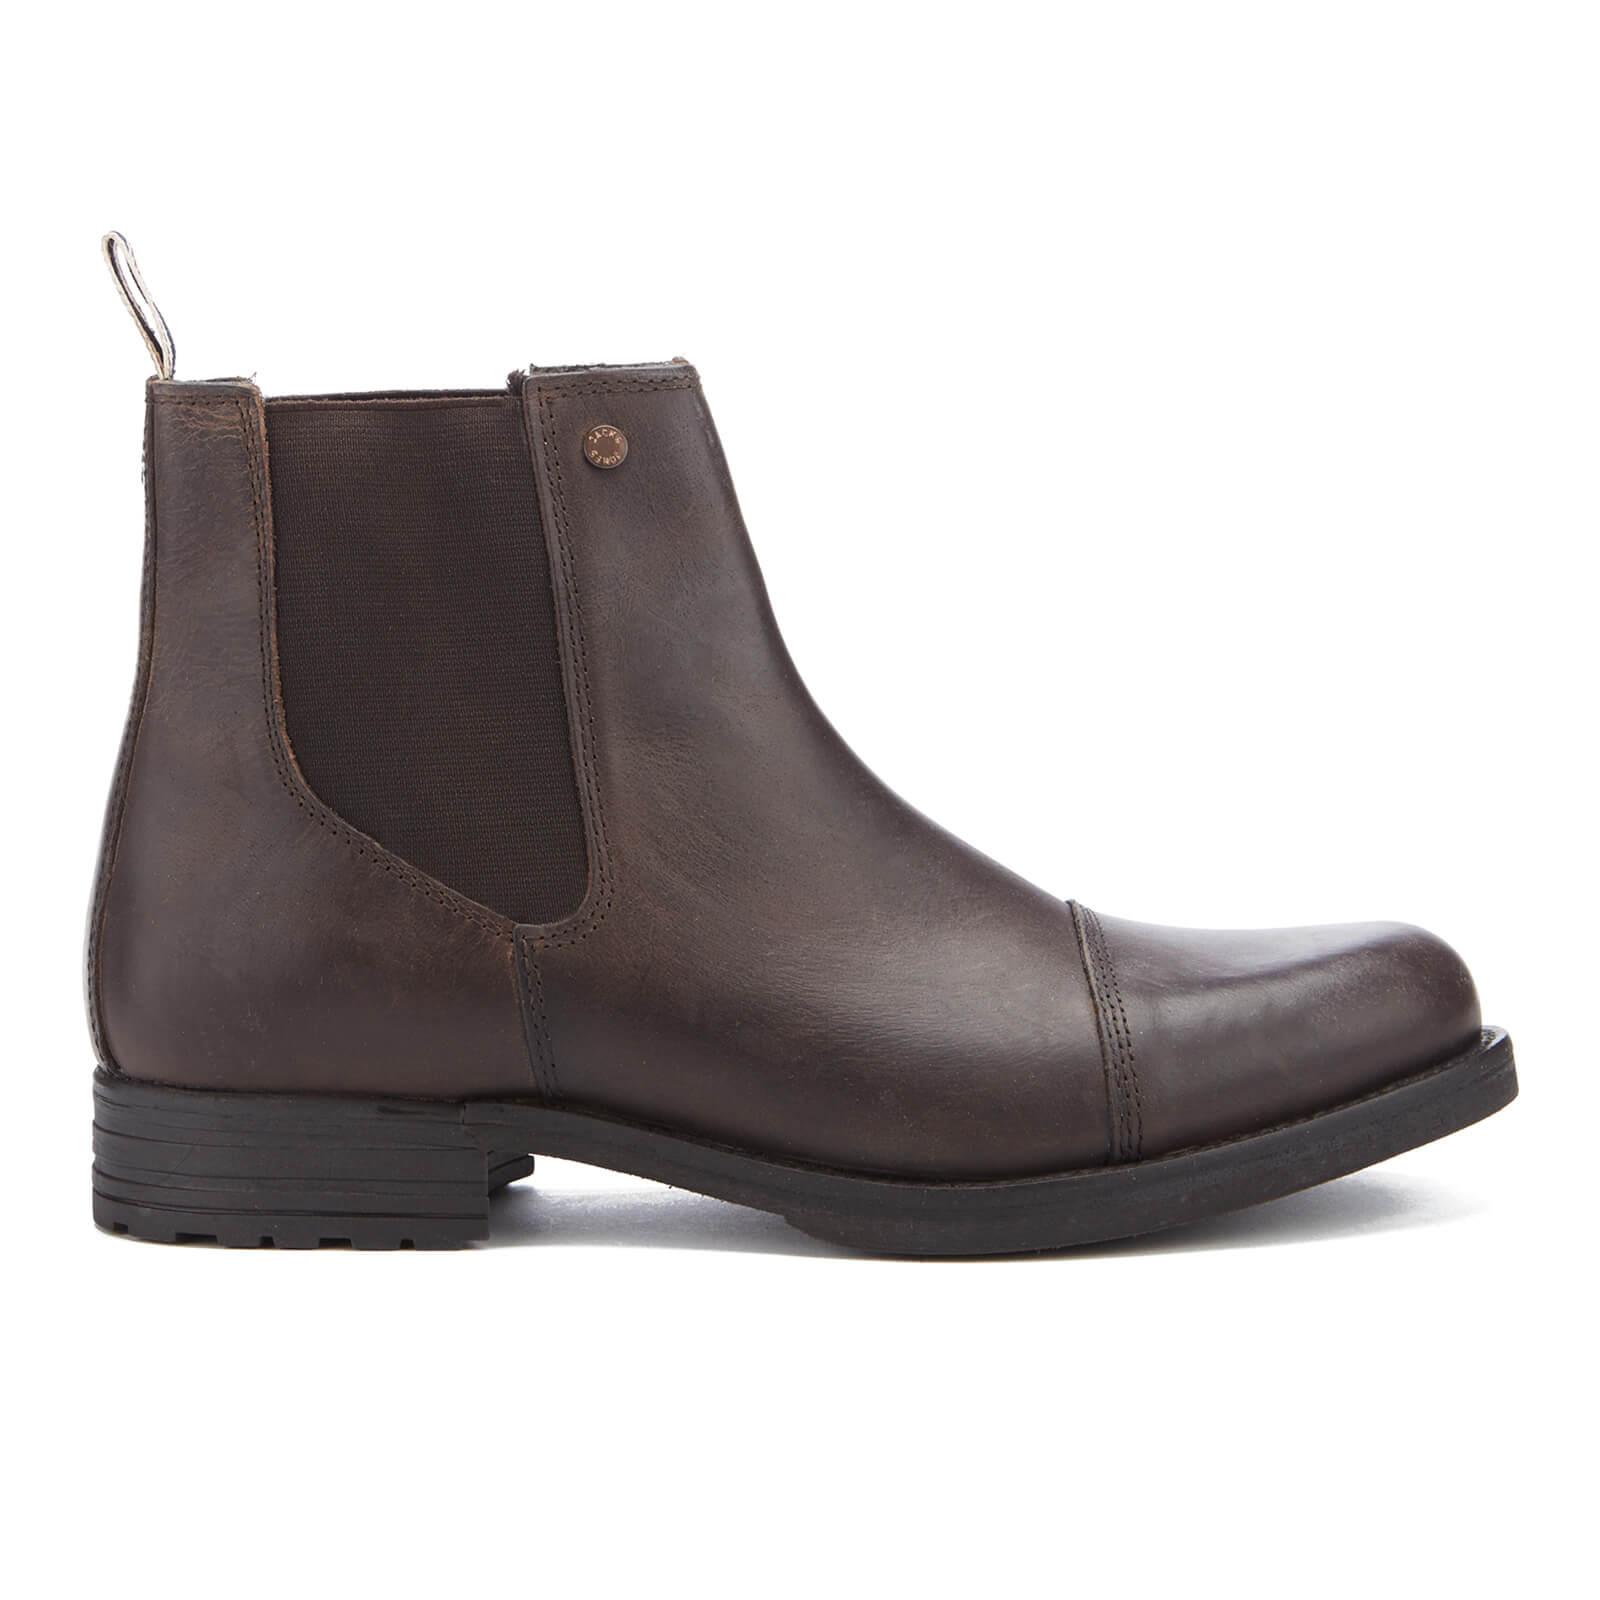 95a80da3d11 Botines Jack   Jones Simon Leather Chelsea - Hombre - Marrón. Descripción